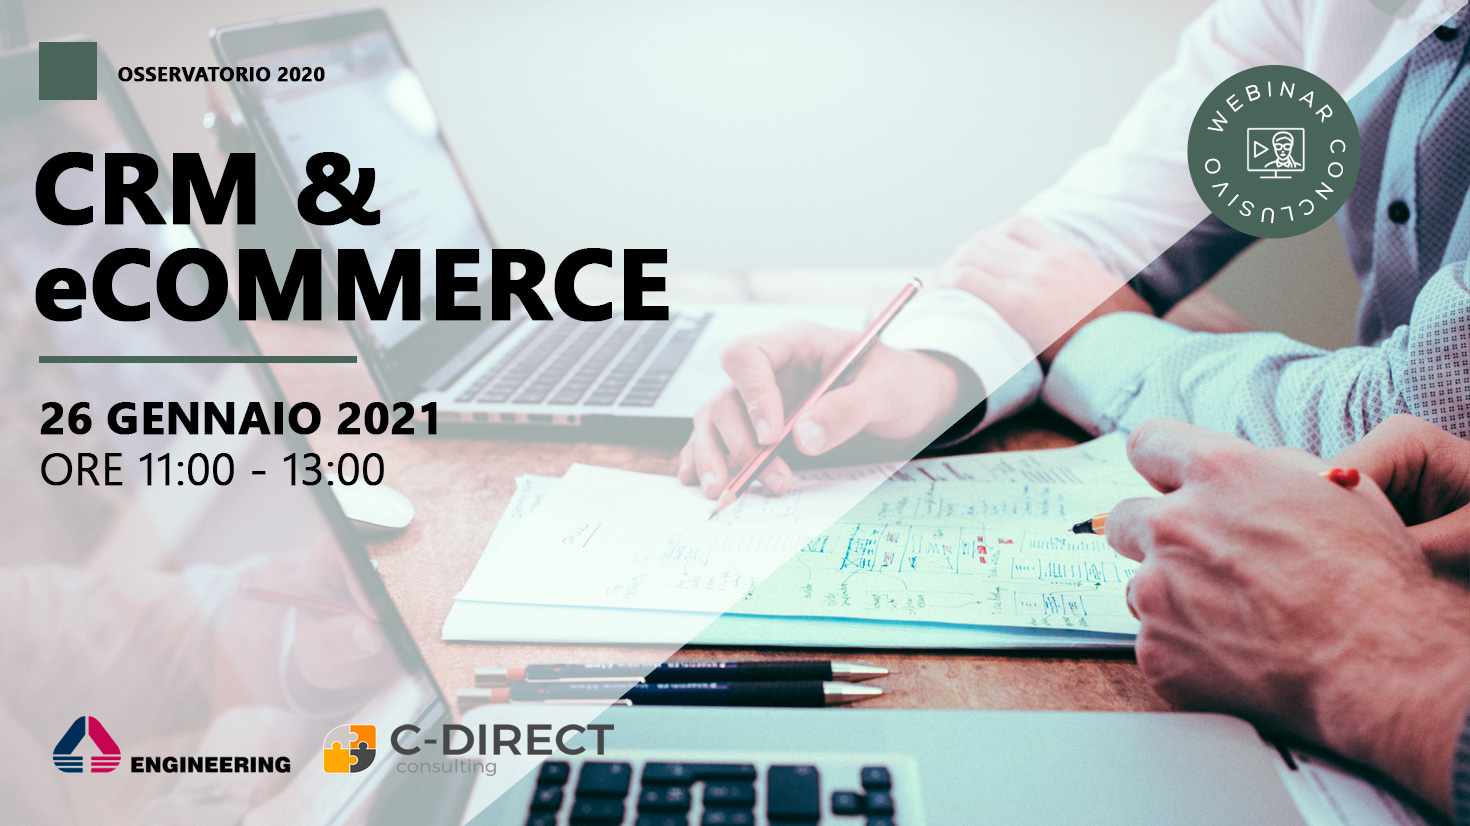 Osservatorio CRM & eCommerce 2020